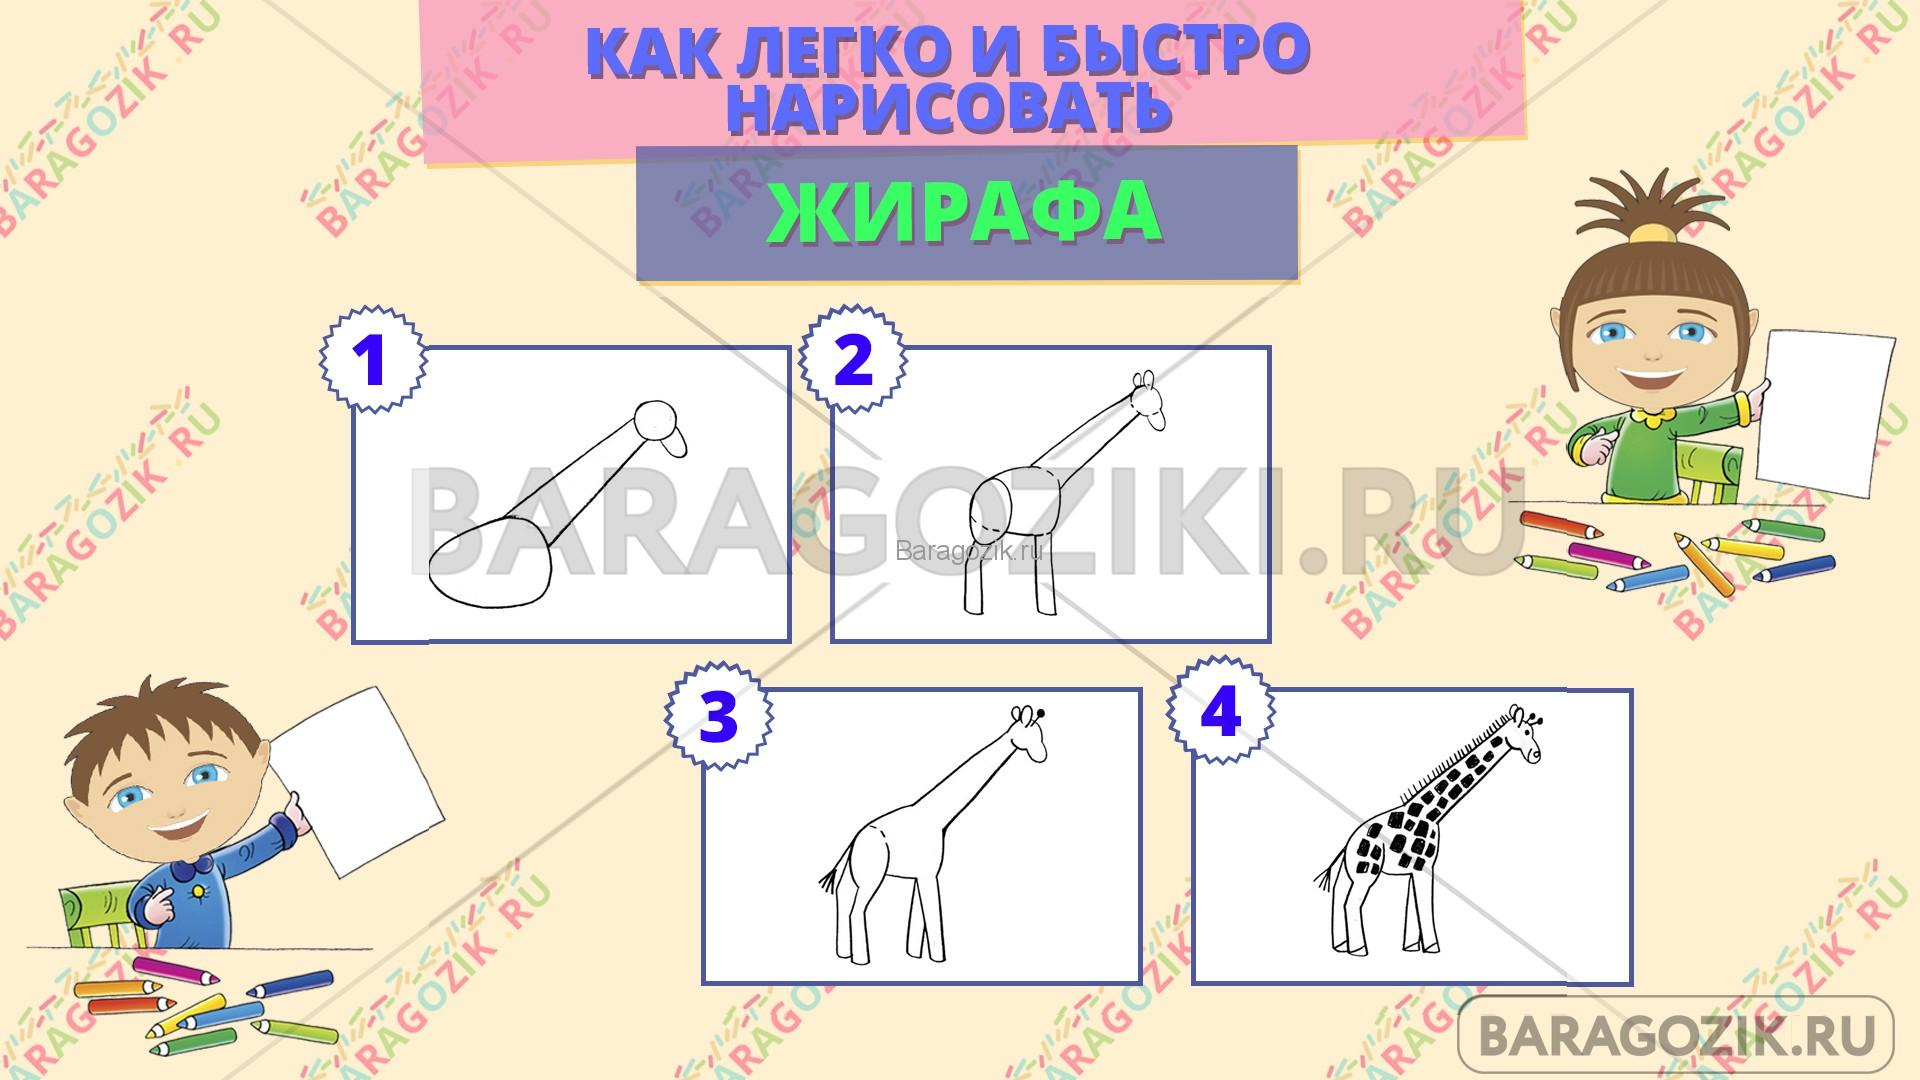 как легко нарисовать жирафа - пошаговая схема